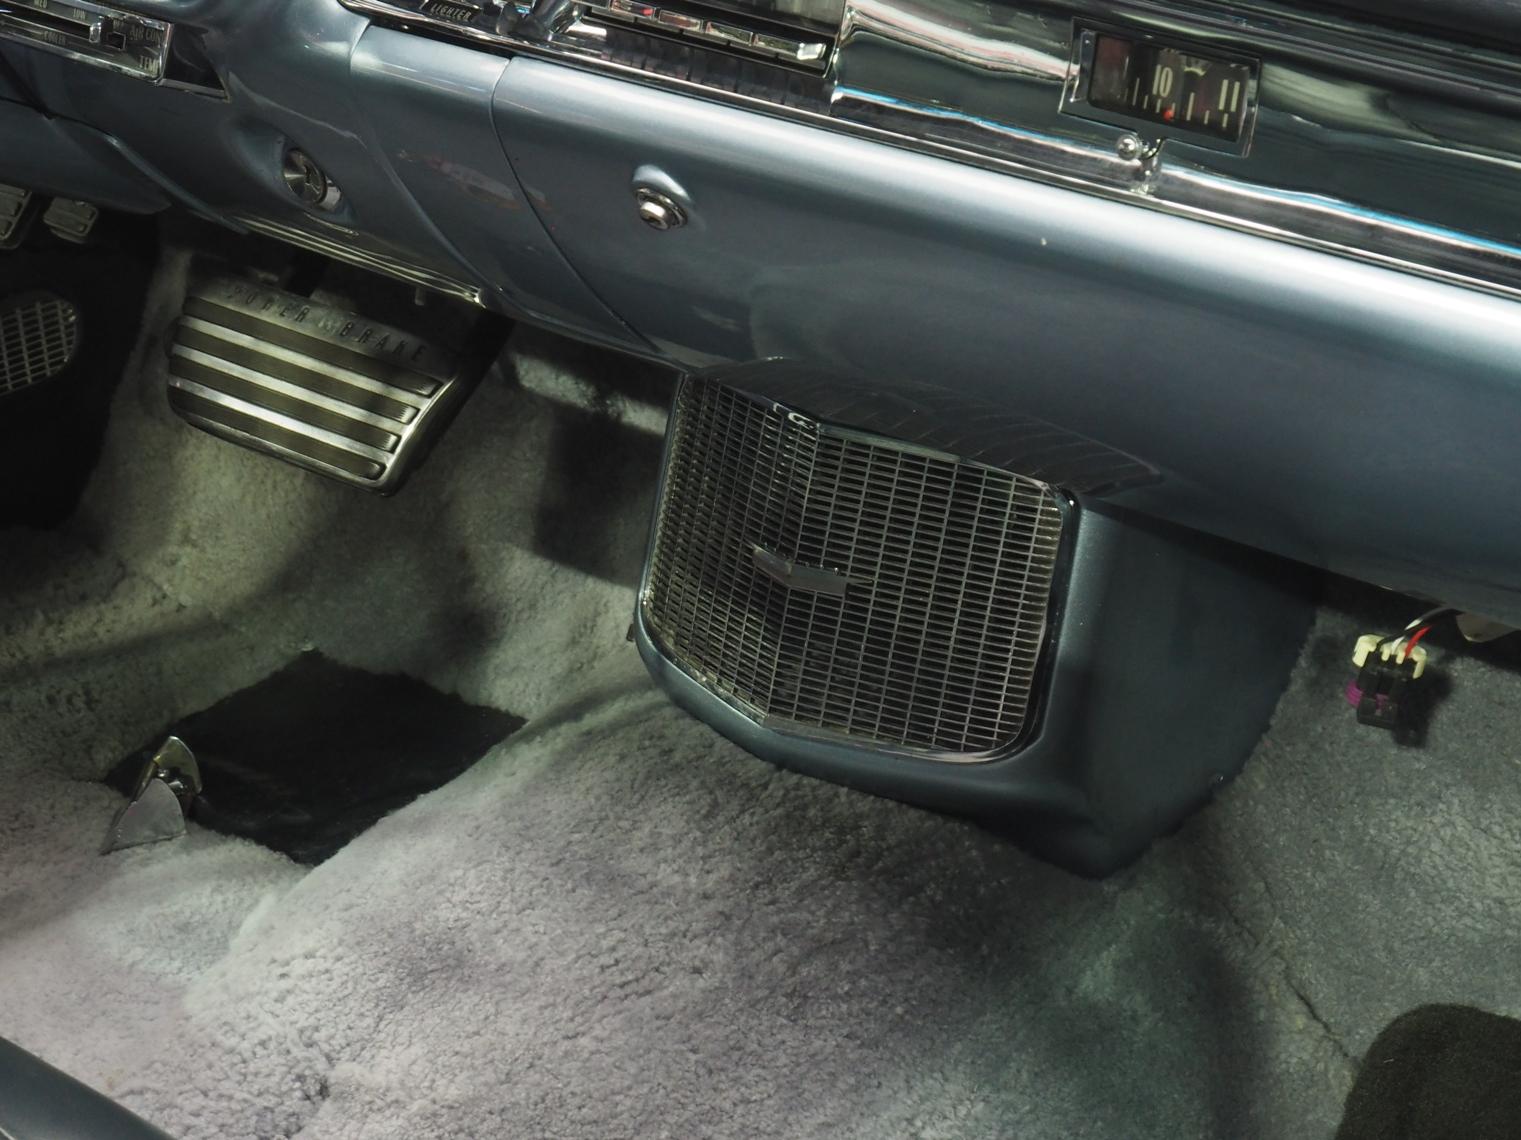 1957 Cadillac Eldorado Brougham Air conditioner